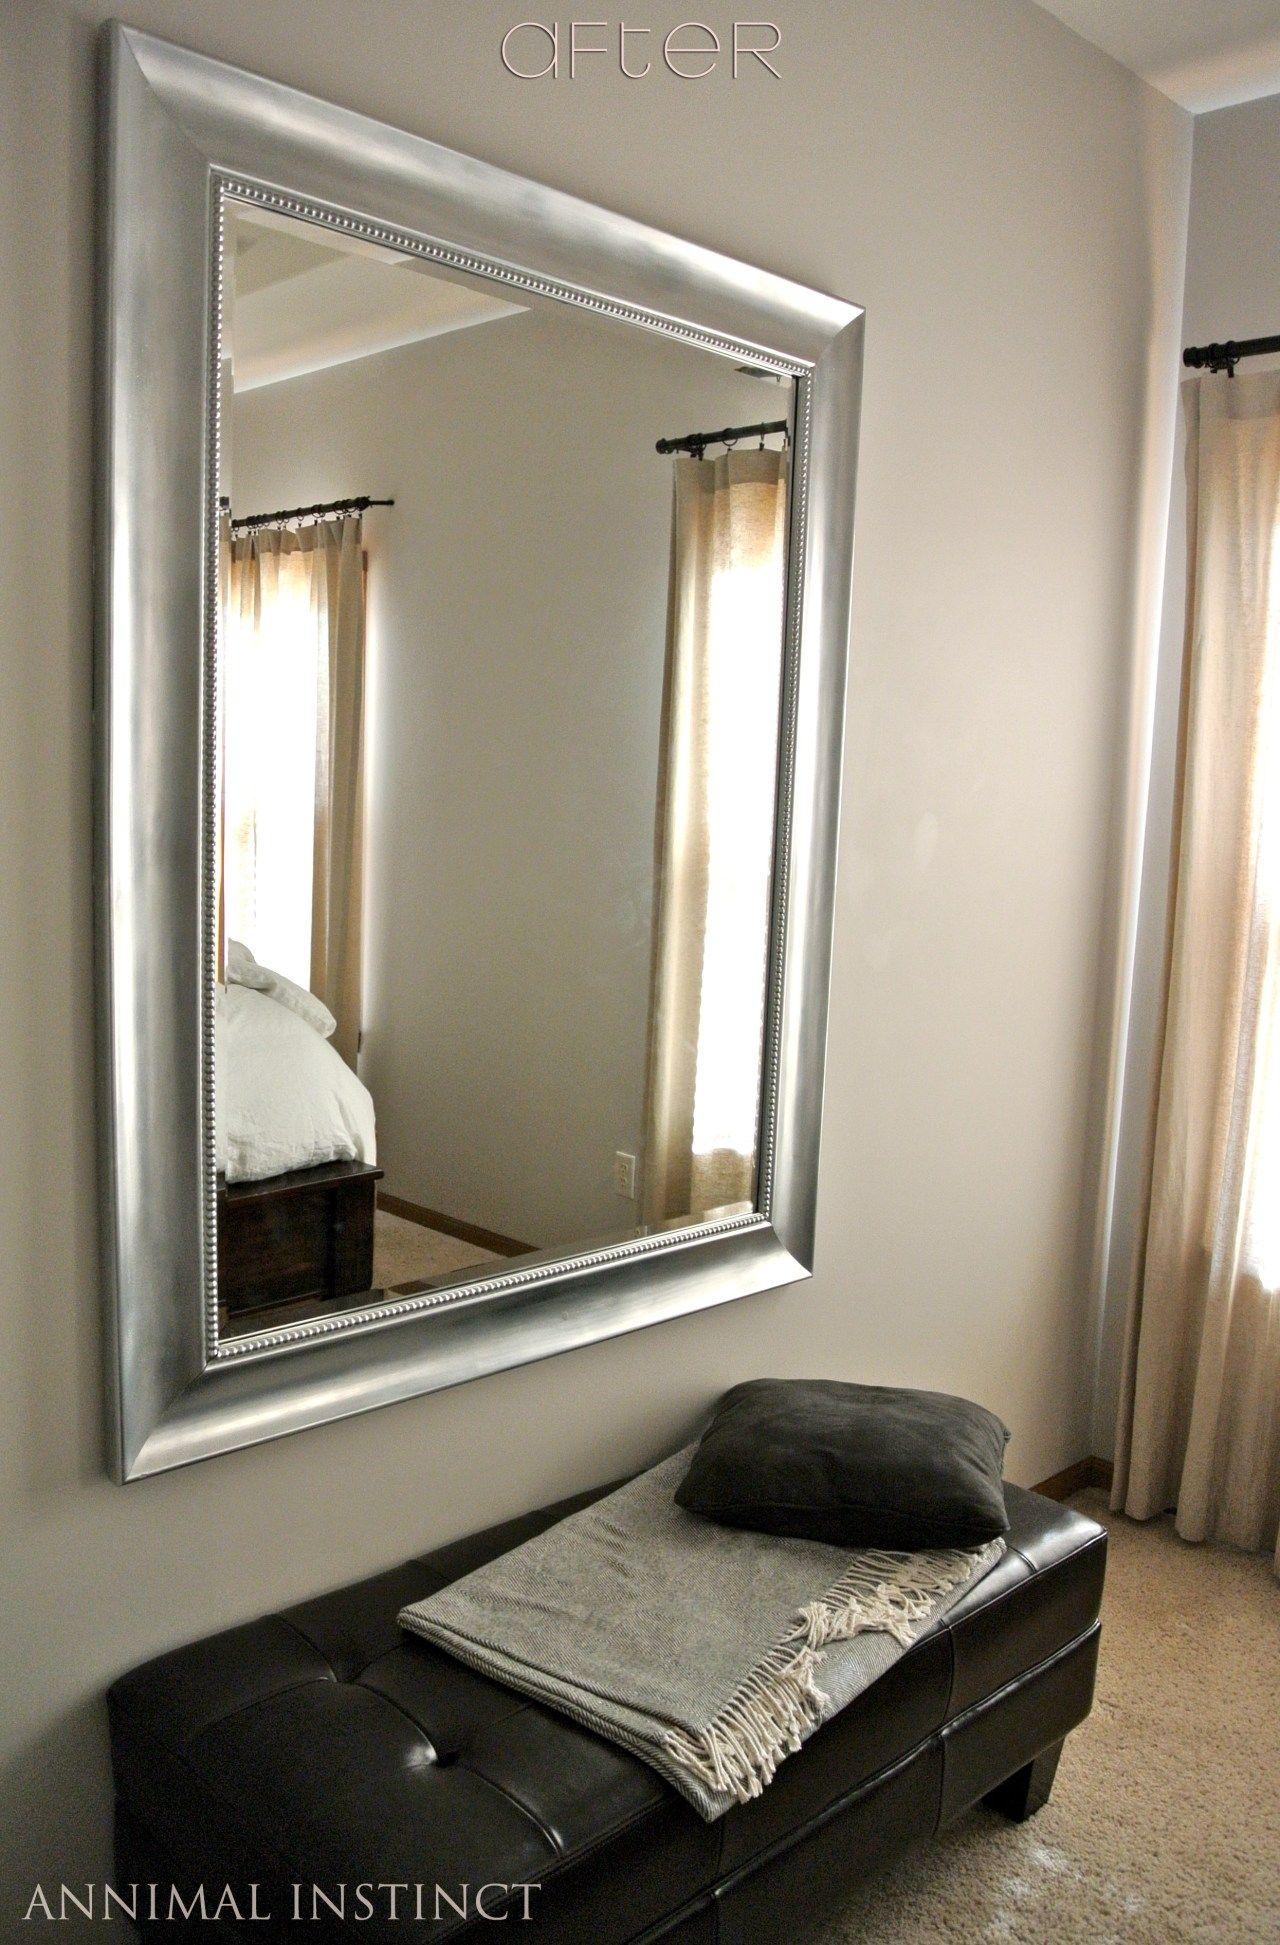 mirrorafter Restoration hardware mirror, Painting mirror